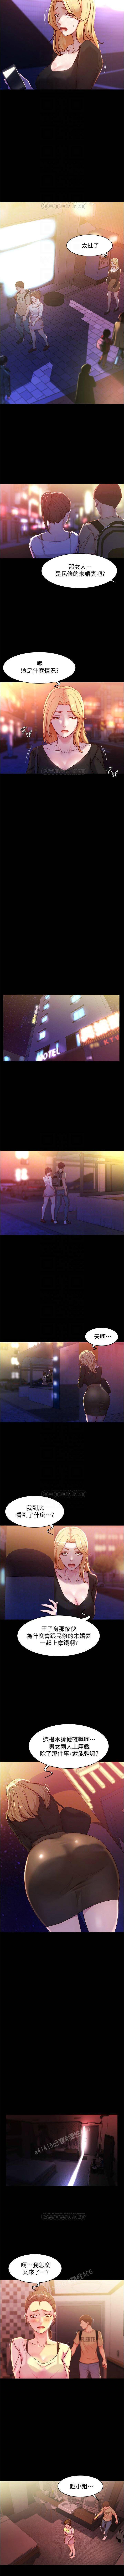 panty note 小褲褲筆記 小裤裤笔记 01-35 连载中 中文 重新排序 Reorder 177